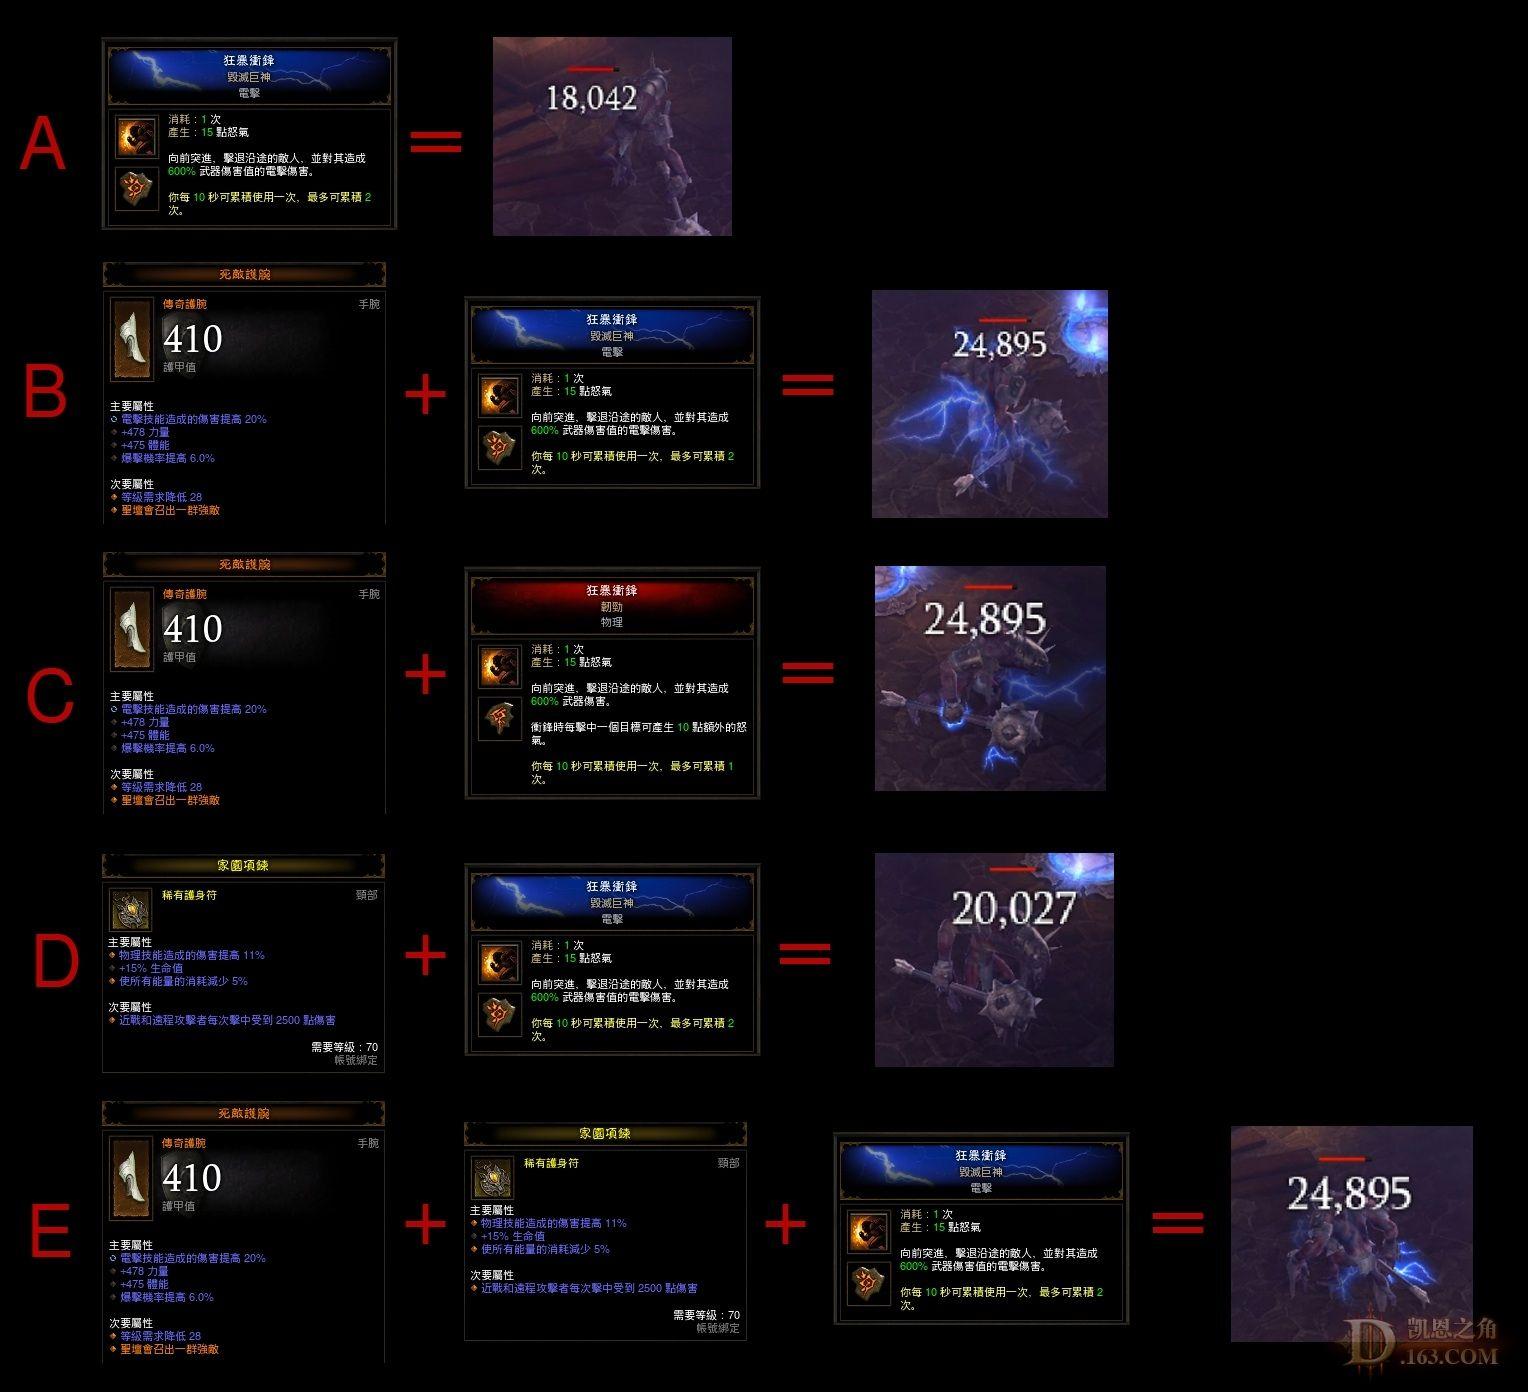 暗黑3野蛮人2.1.2新冲锋套的DOT伤害机制研究